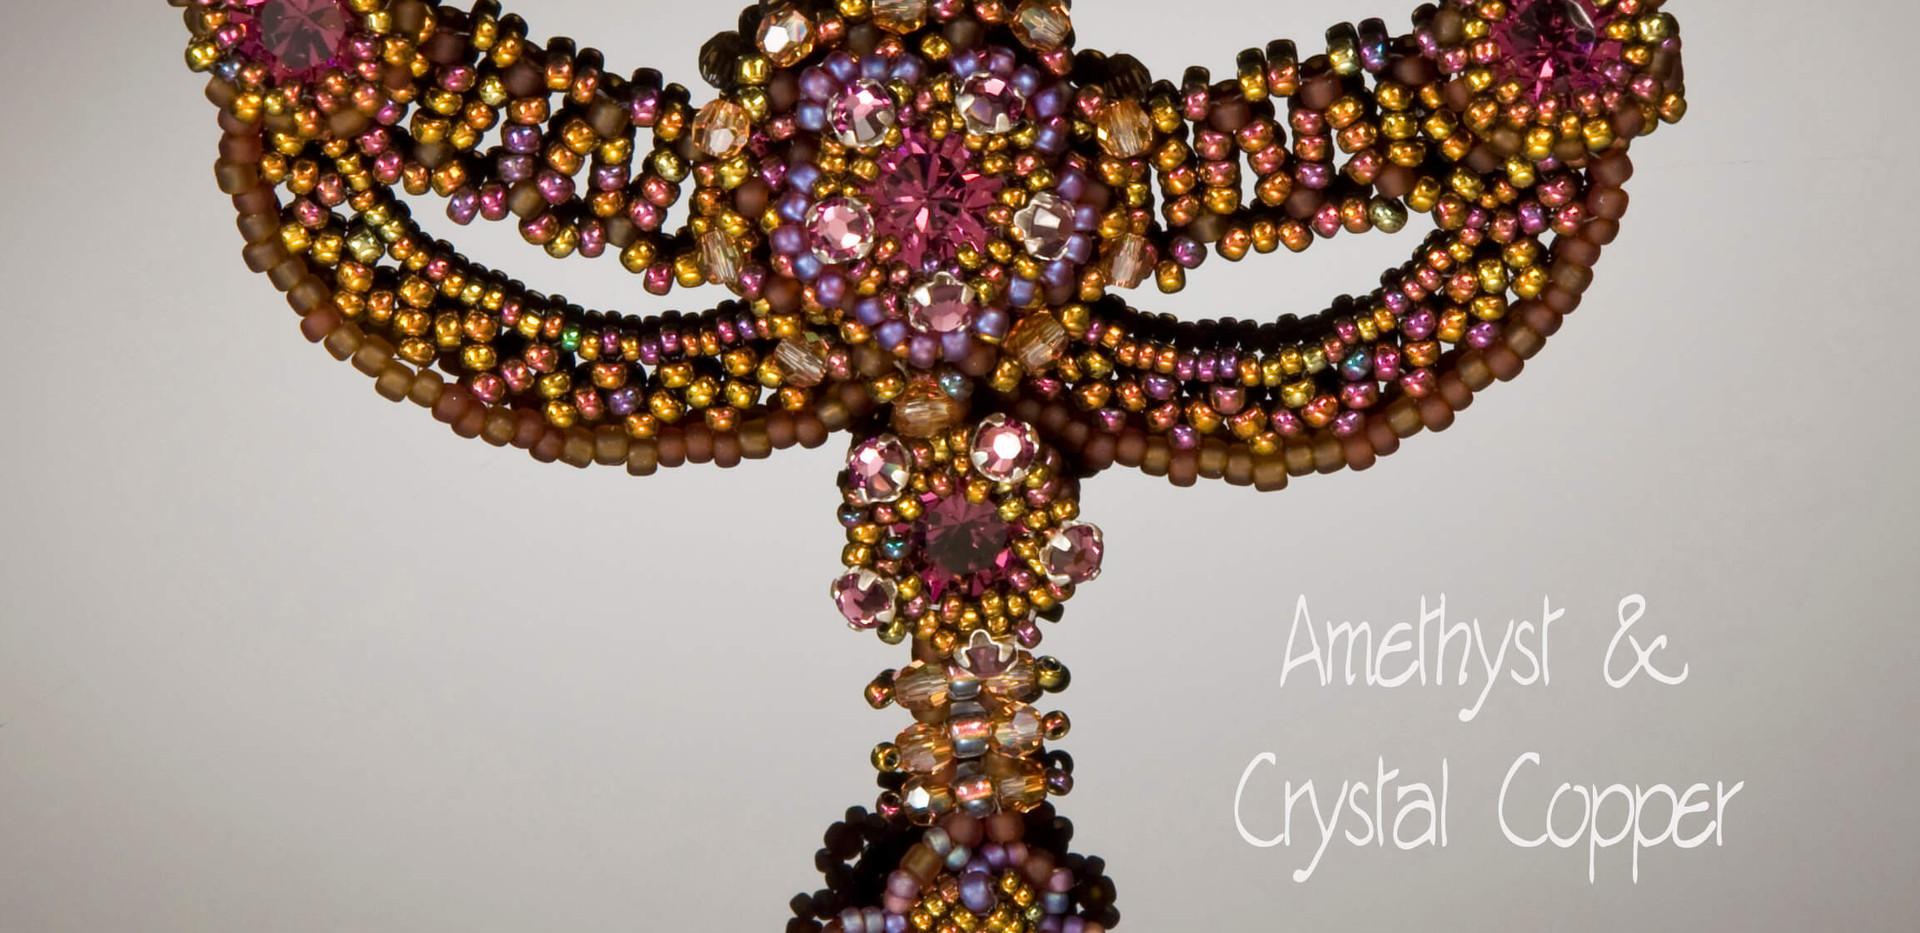 Amethyst & Crystal Copper